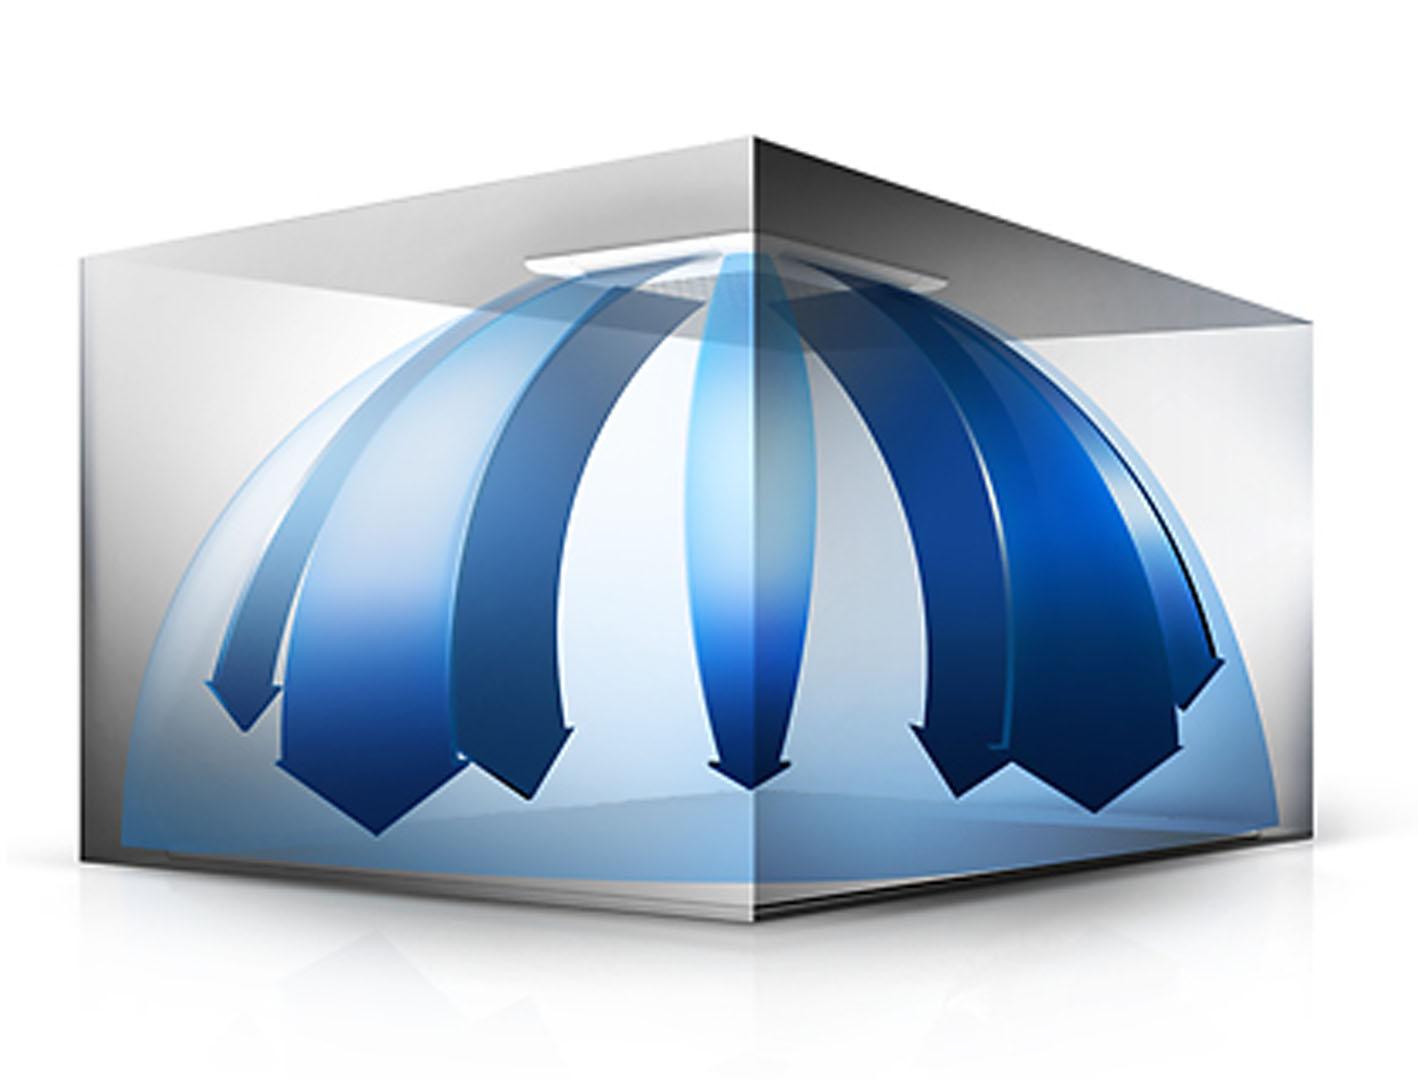 Koelen en verwarmen met een energiezuinige Samsung warmtepomp airco